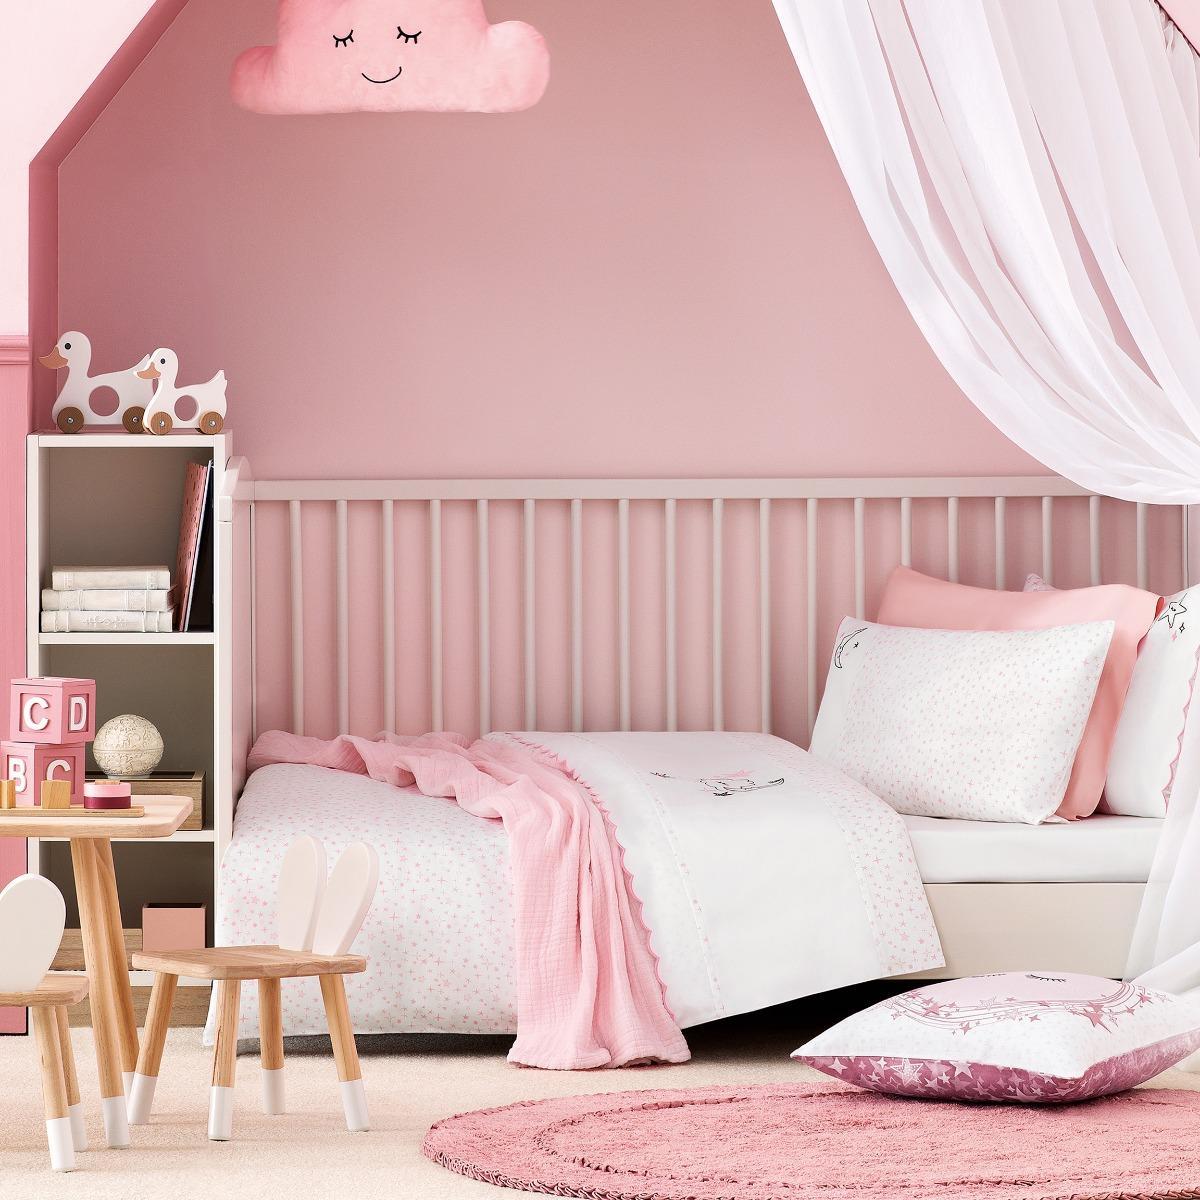 Постельный комплект Kids by togas Трейси розовый детский